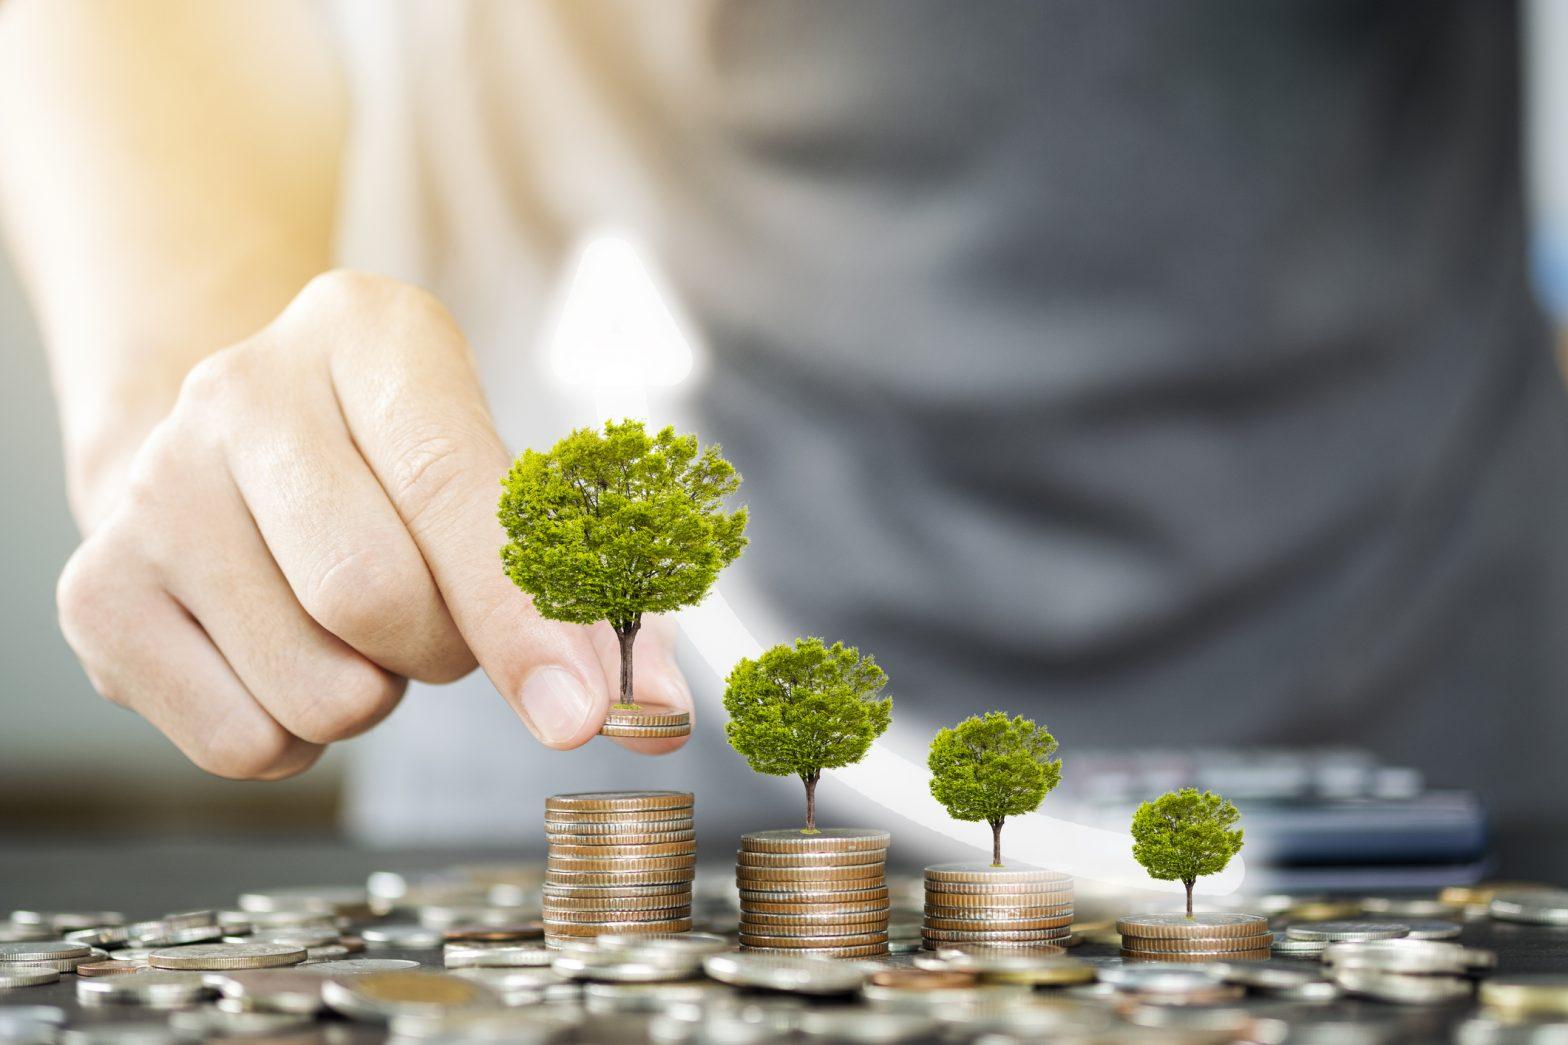 financialounge.com NN IP: green bond ottima alternativa per gli investitori grazie a stabilità e performance